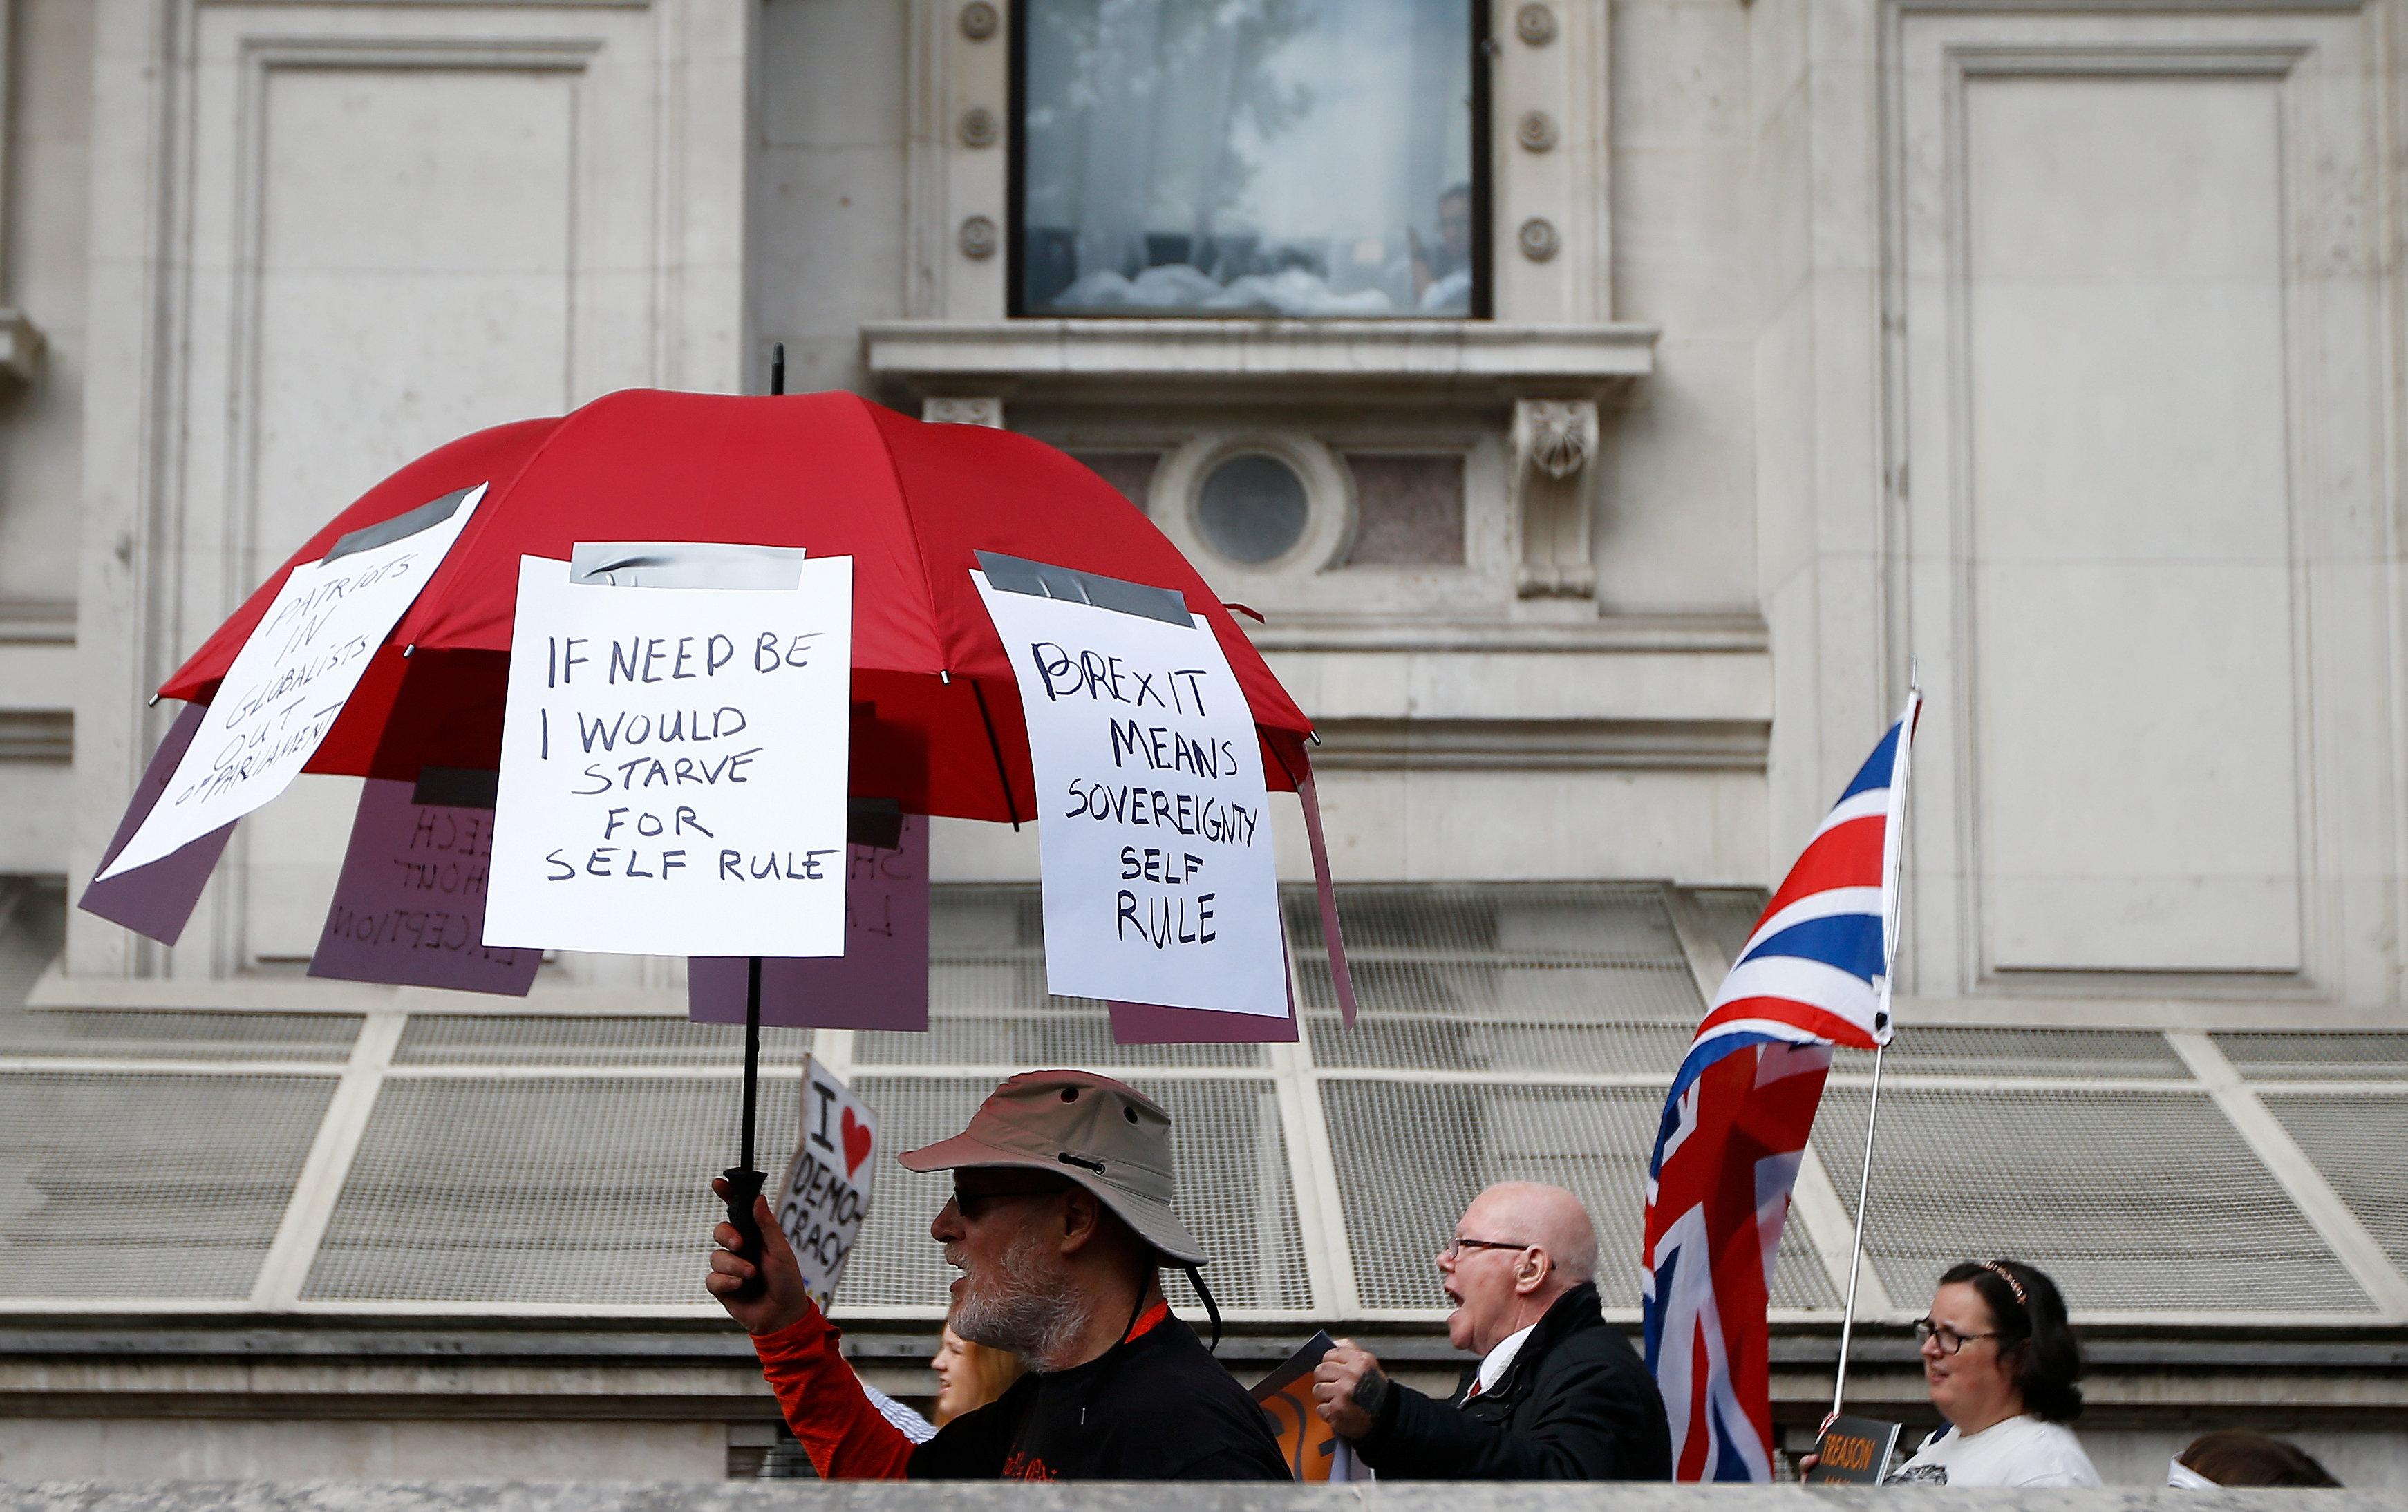 لافتات على شمسية أحد المتظاهرين